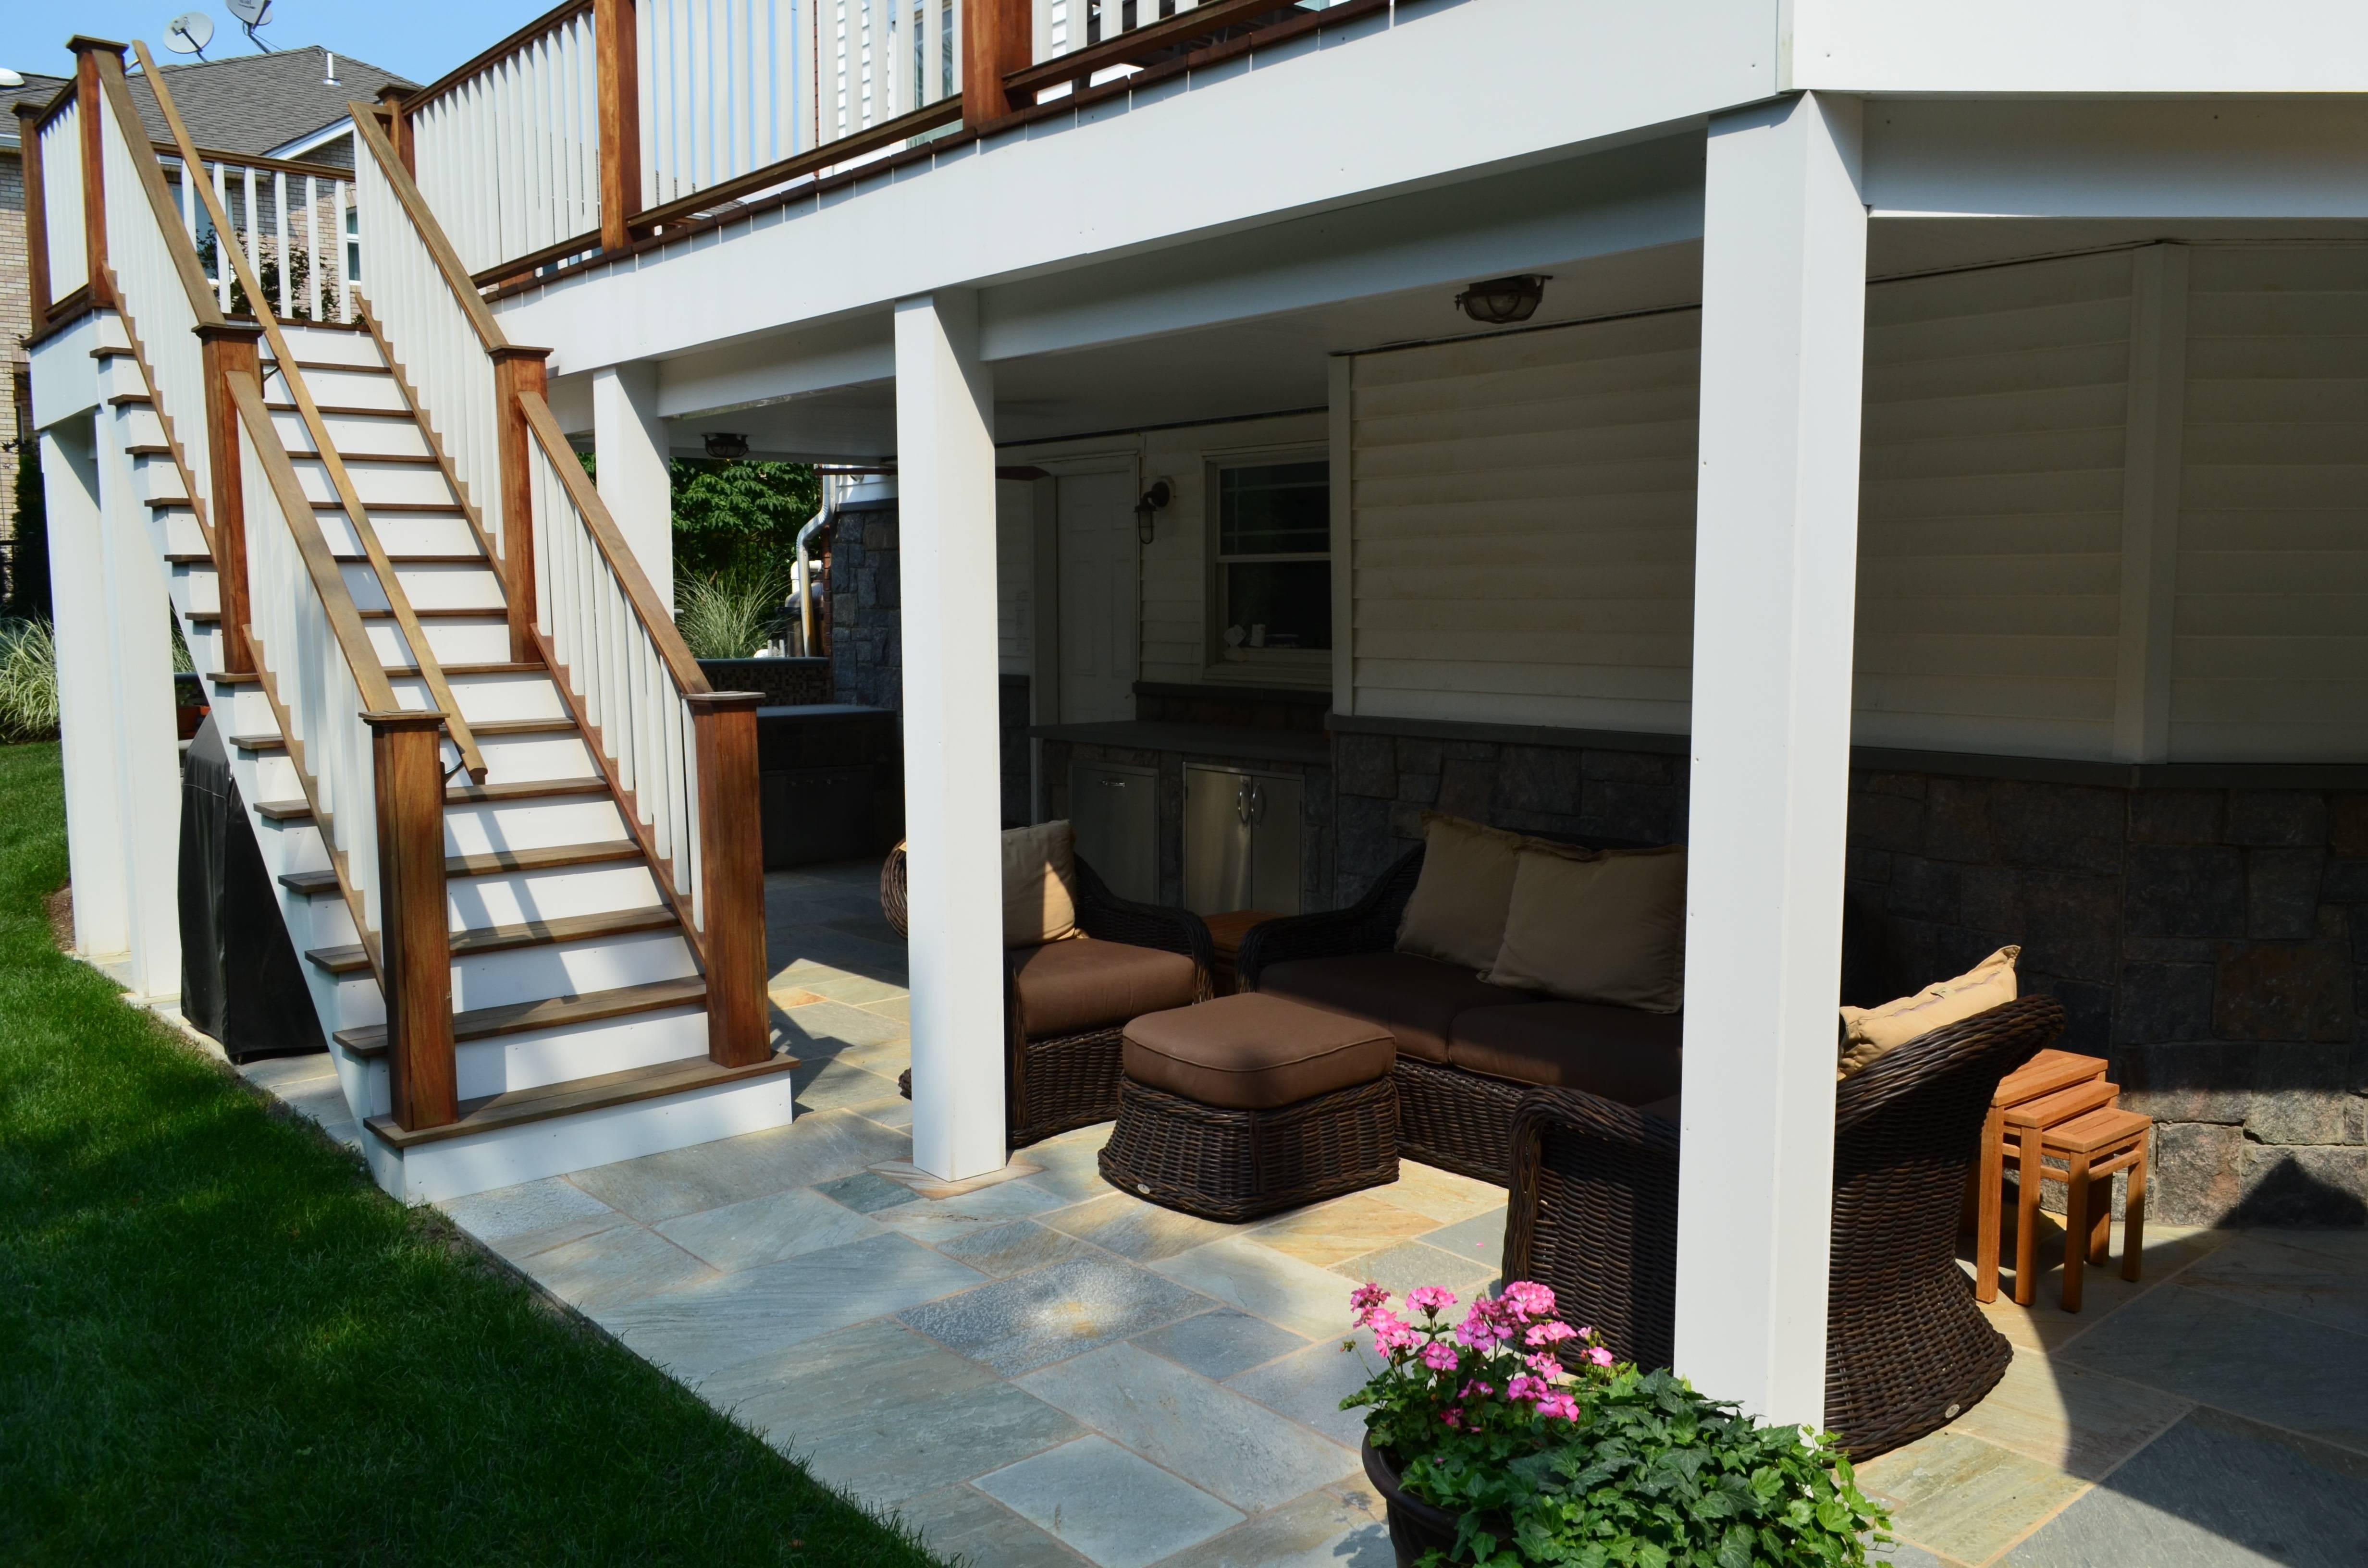 Plans Basement Swimming Pool House Second Sun Home Plans Blueprints 50459